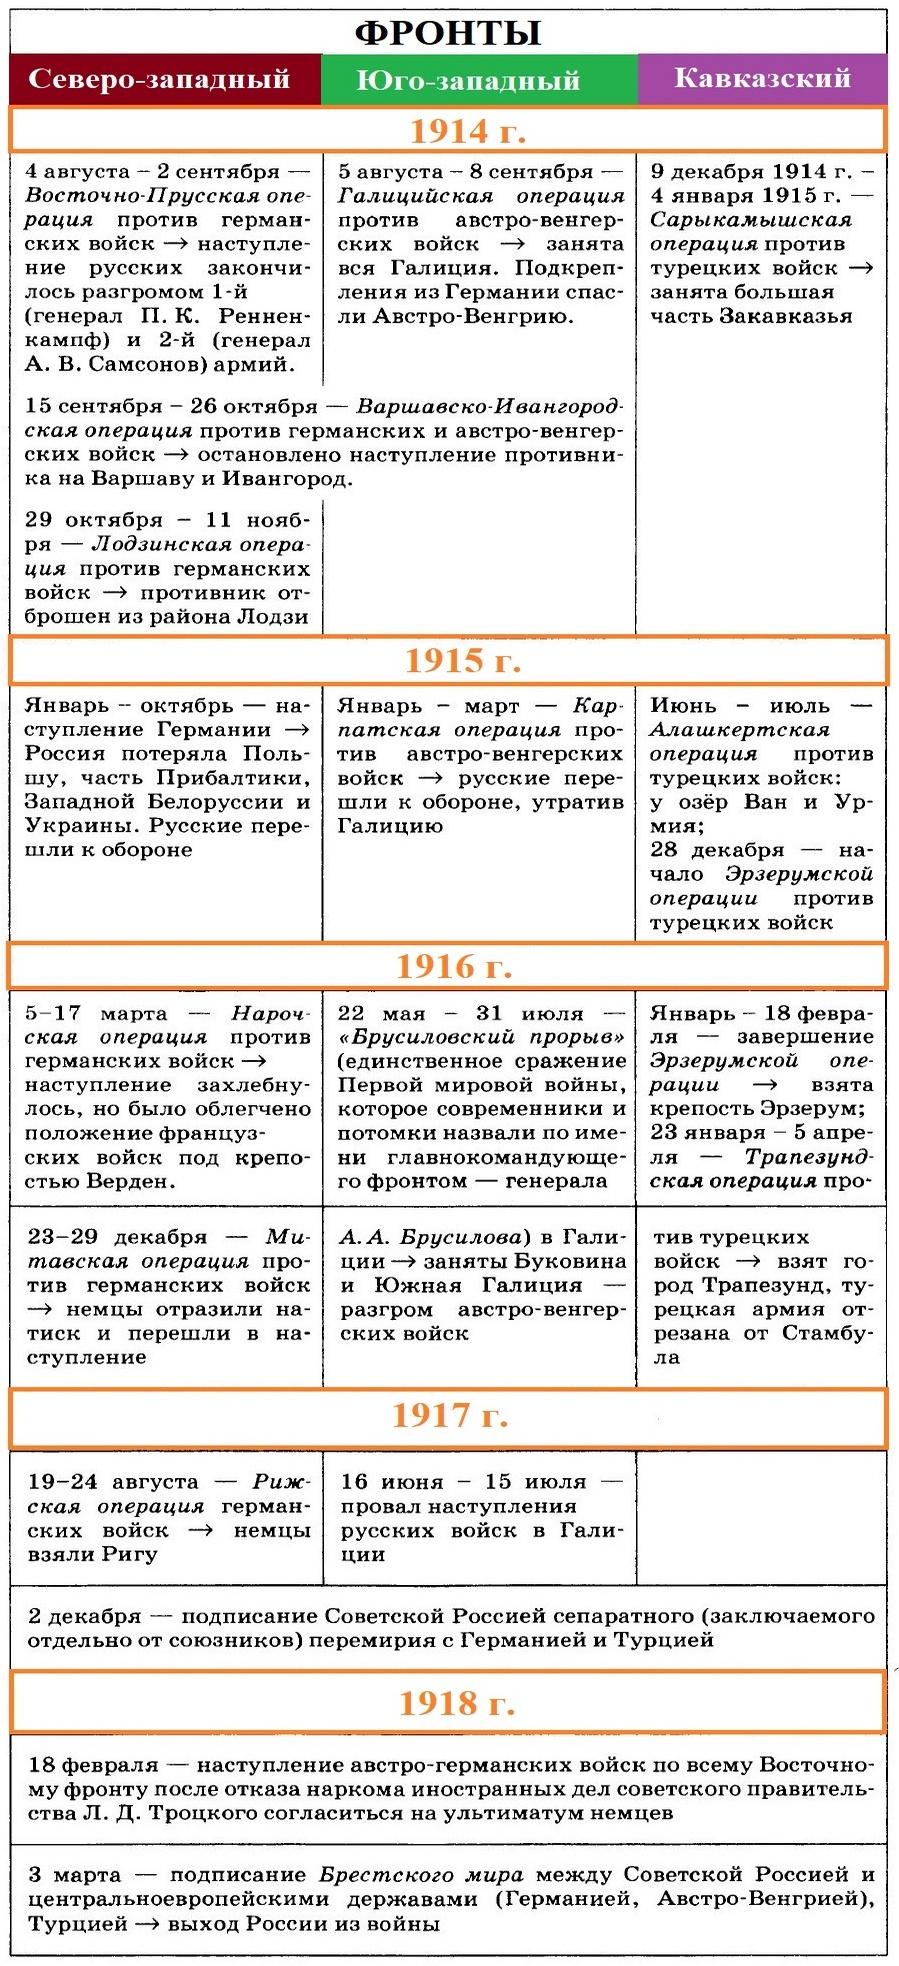 Первая мировая война. Участие России. Фронты